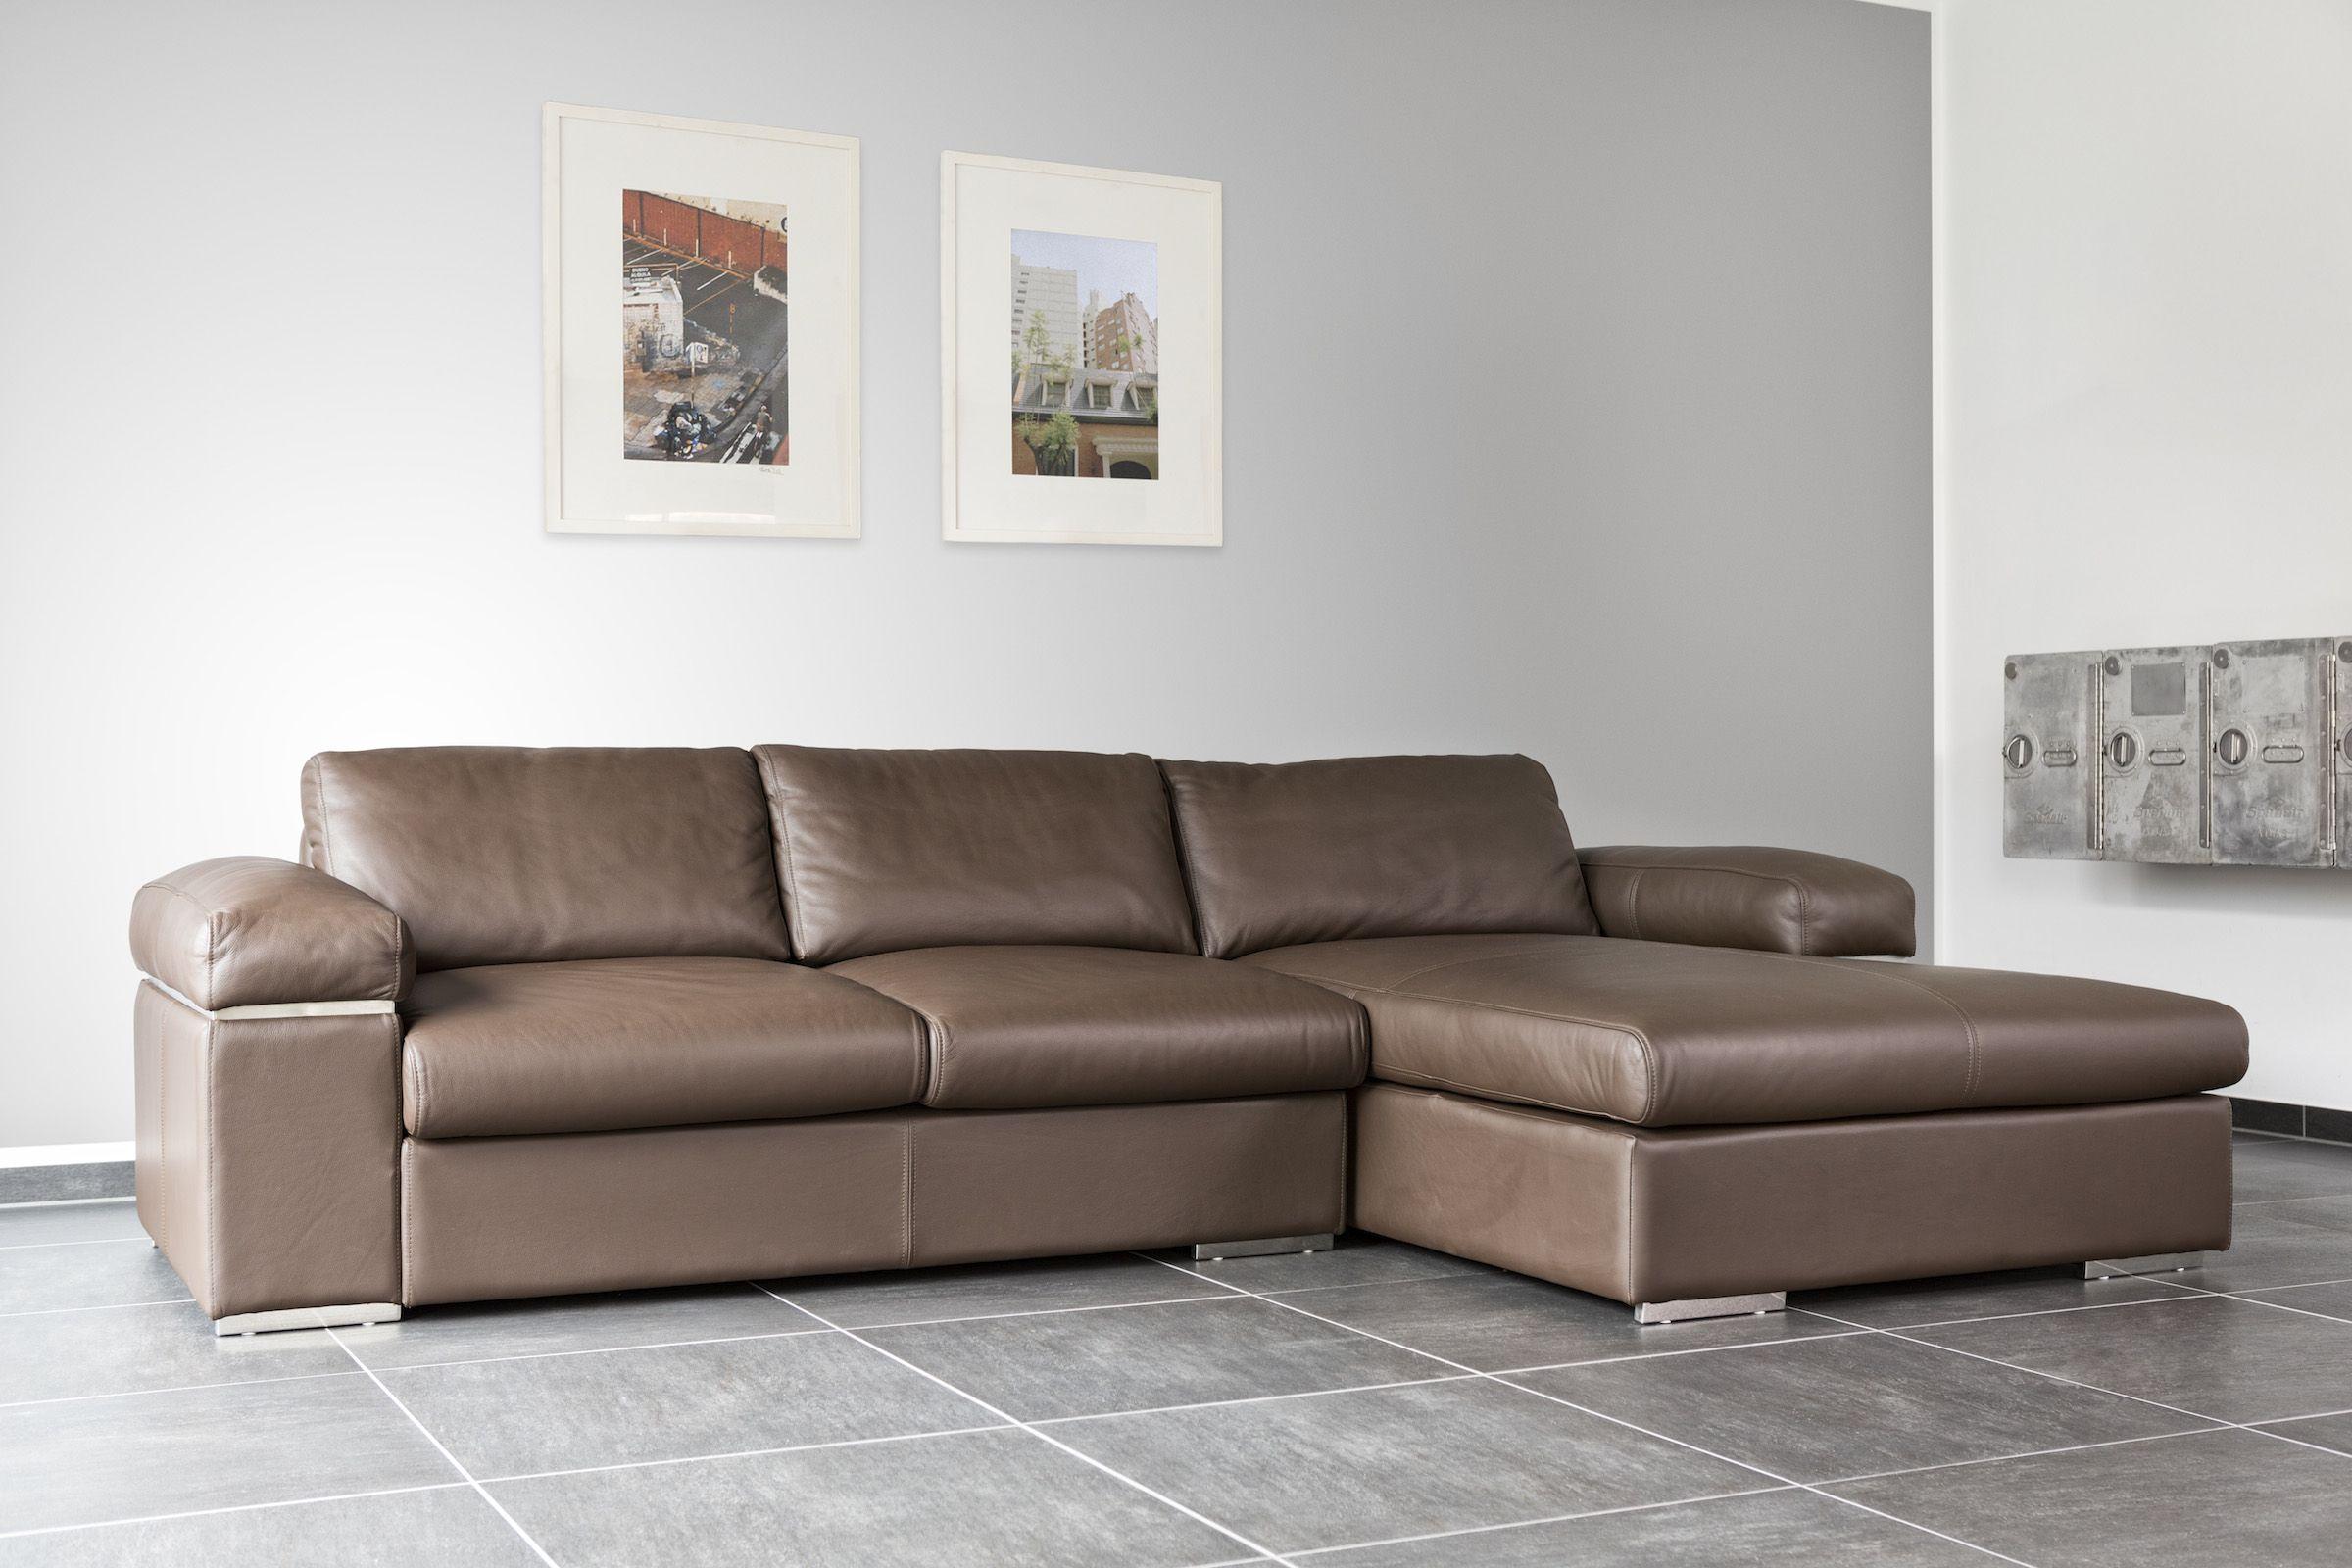 Ledersofa Jazz Fur Ein Maximum An Gemutlichkeit Und Coolness Bodentiefe Eckcouch Mit Kantigen Details Fusse Hoch Geniesse Ledersofa Moderne Couch Sofa Leder